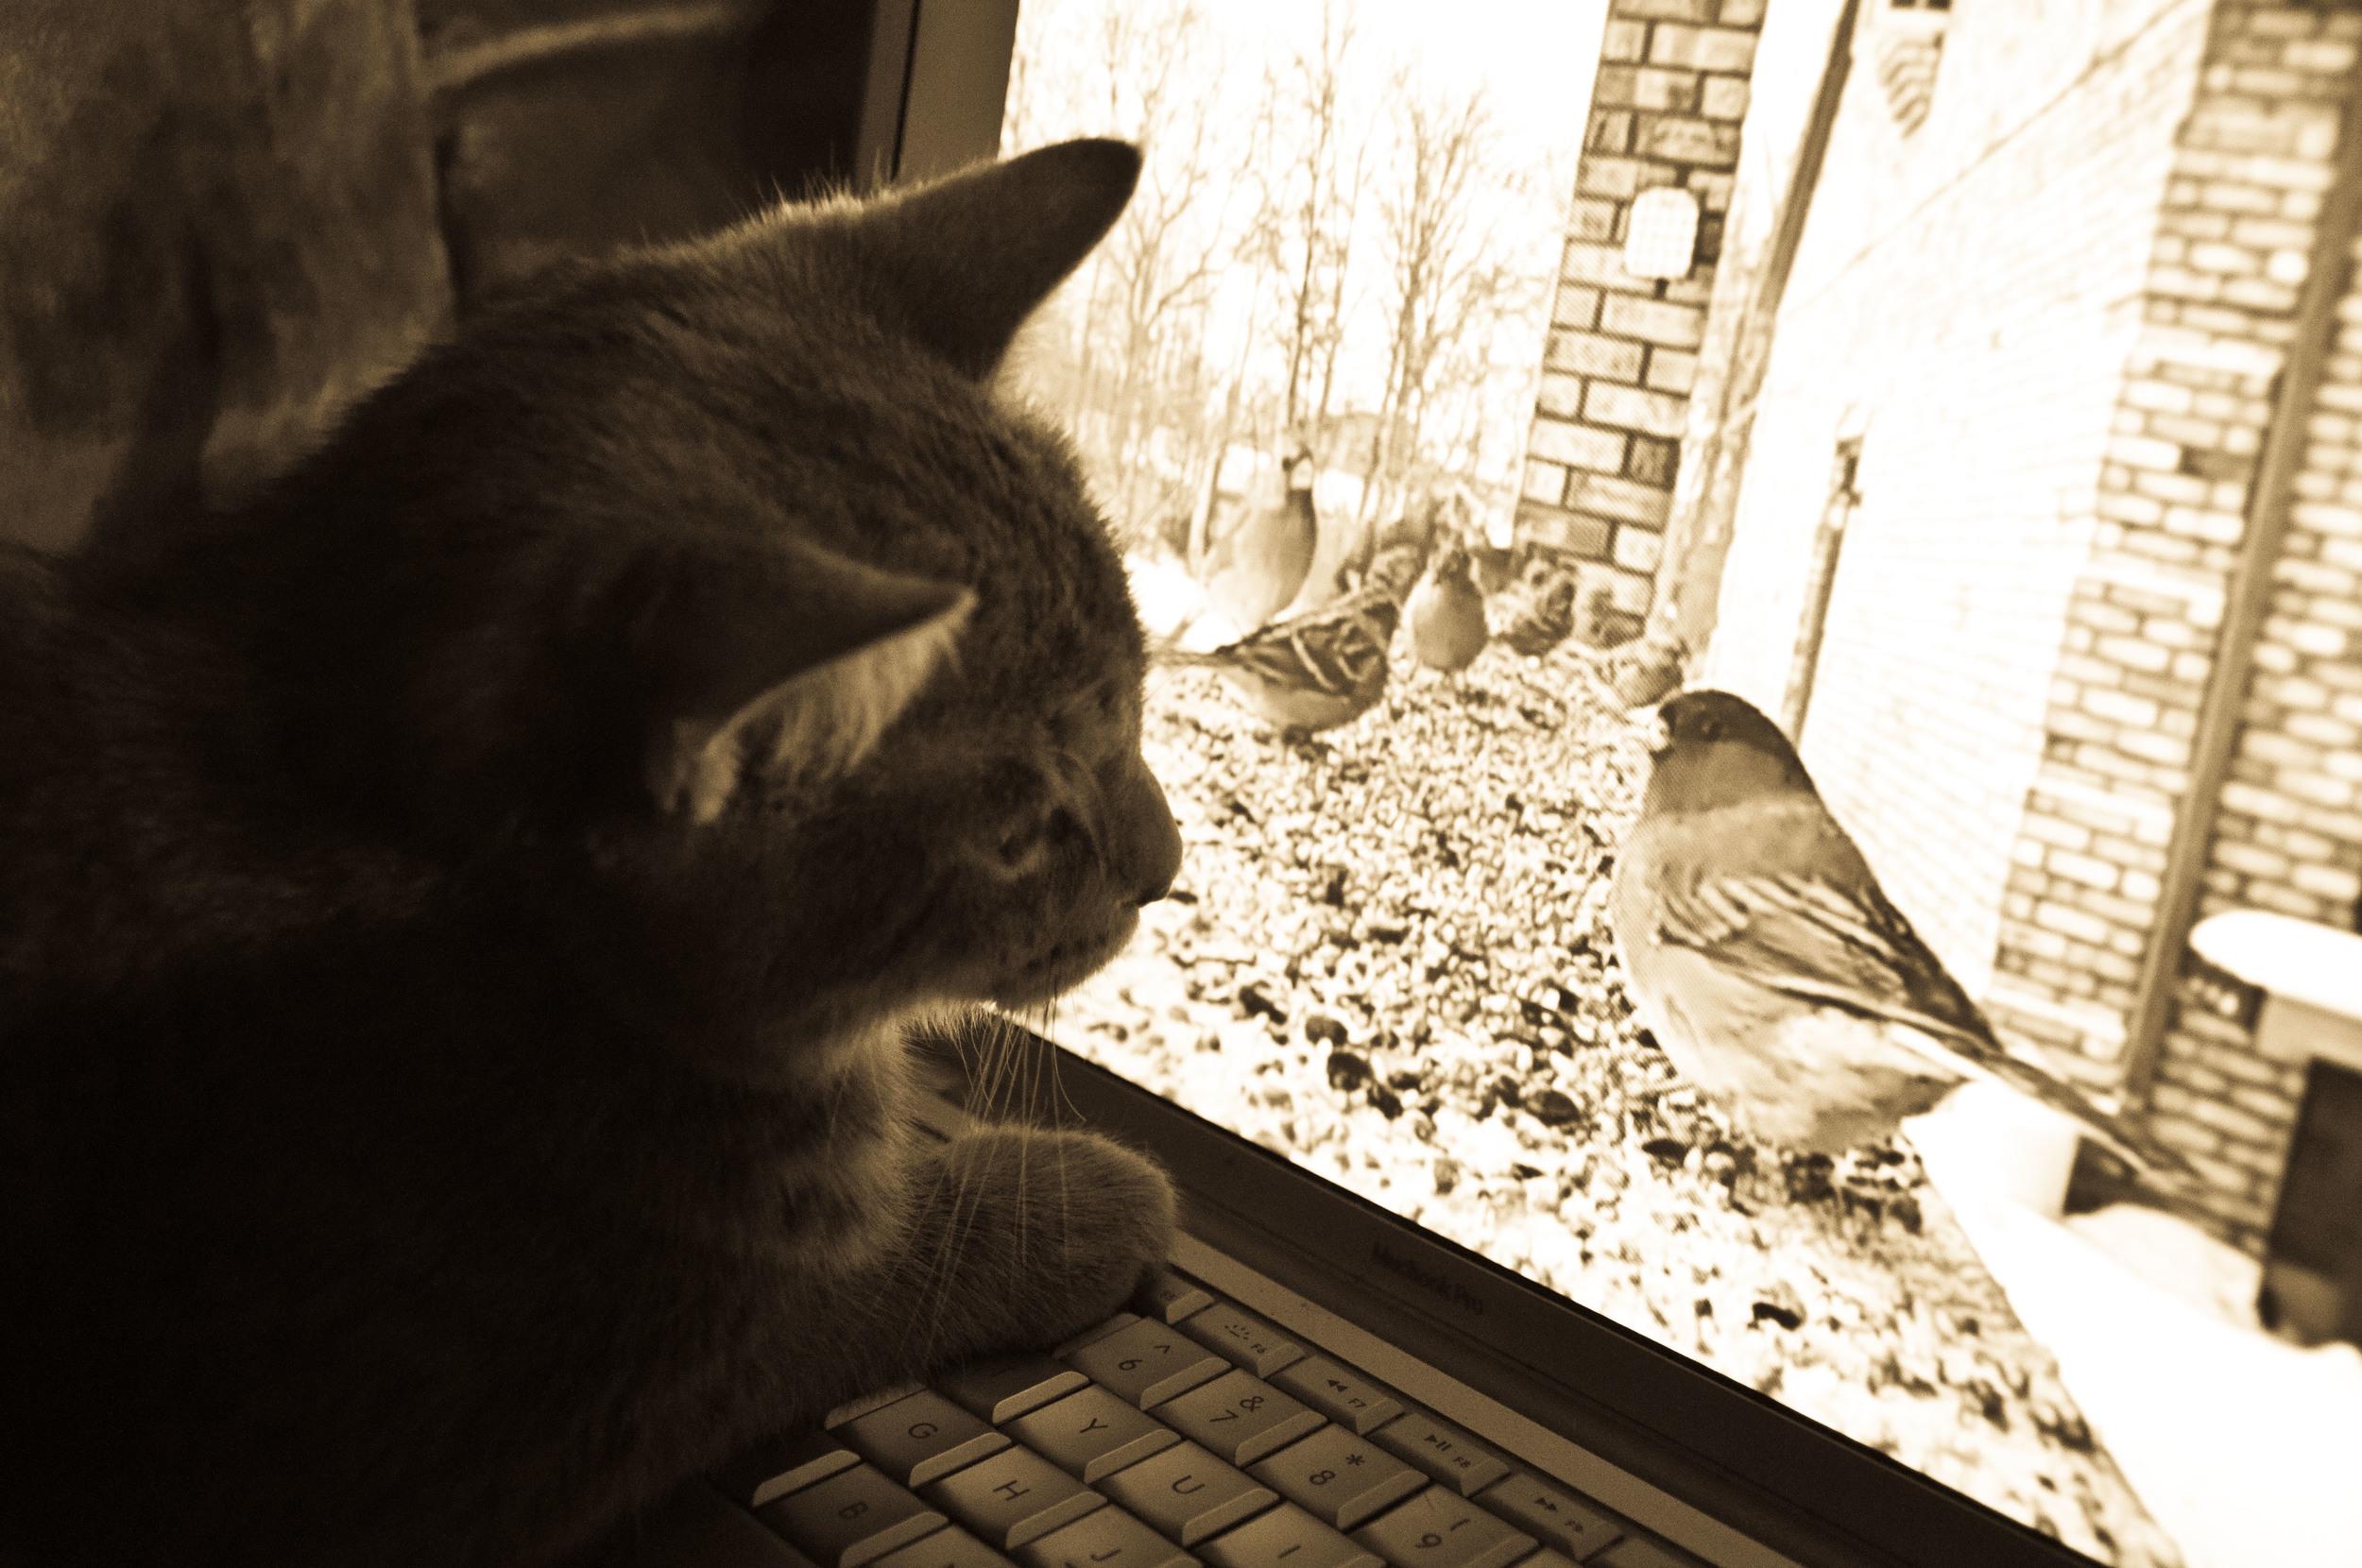 kitten-pics-for-blog-4.jpg